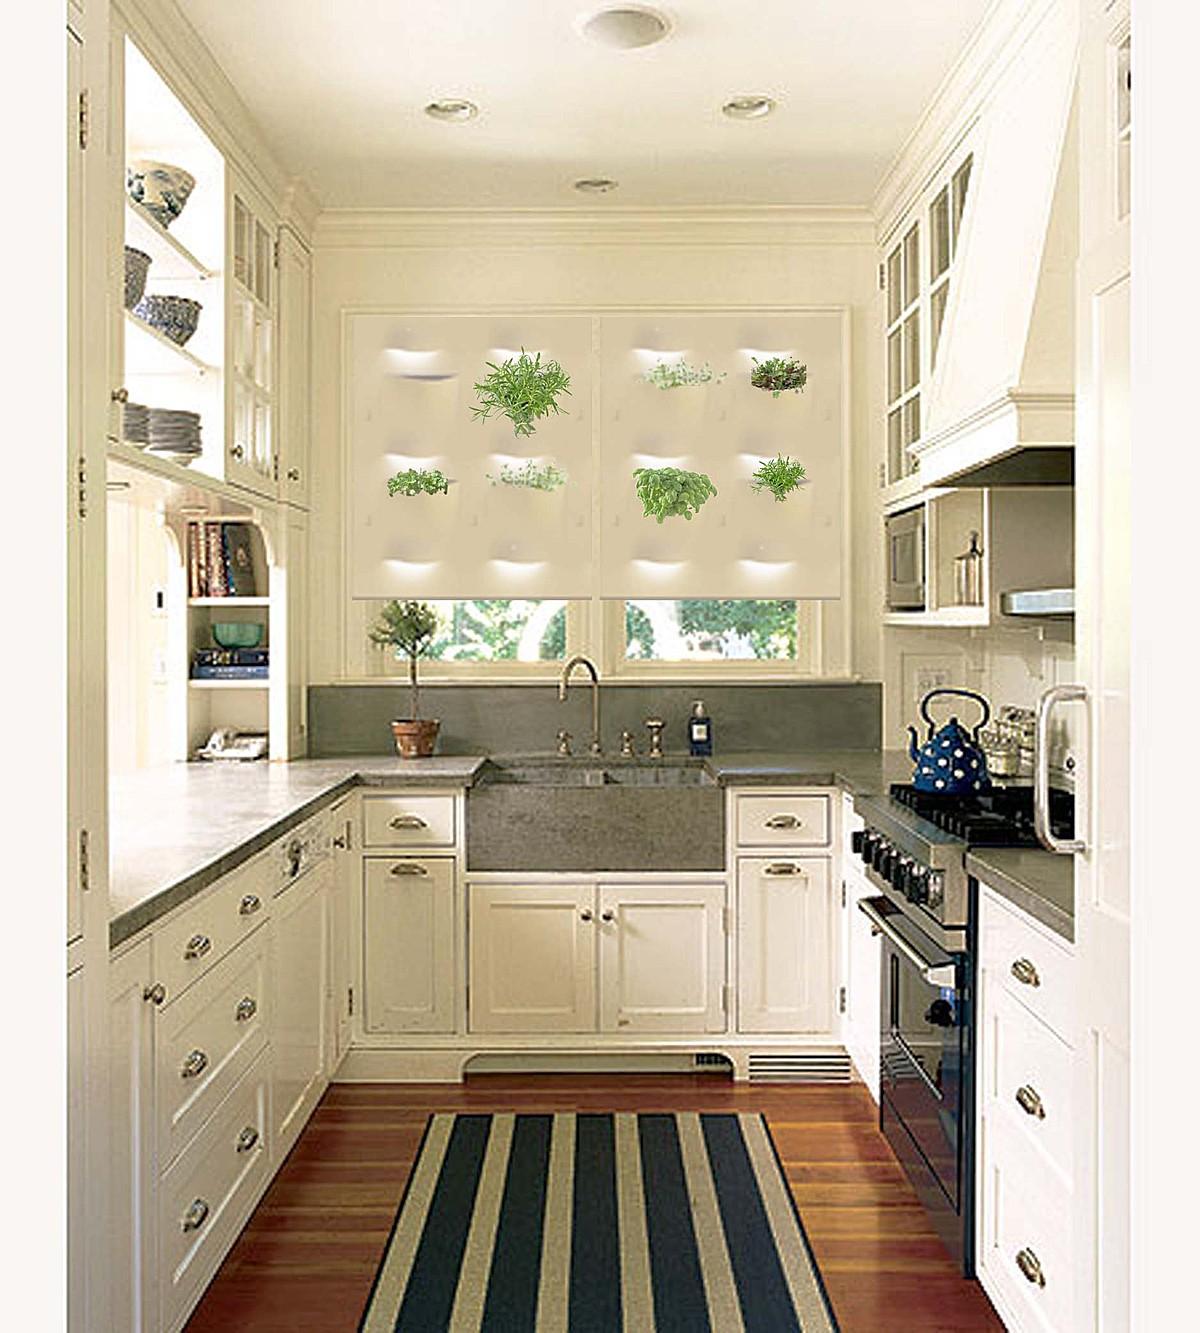 П-образная планировка мебели на кухне